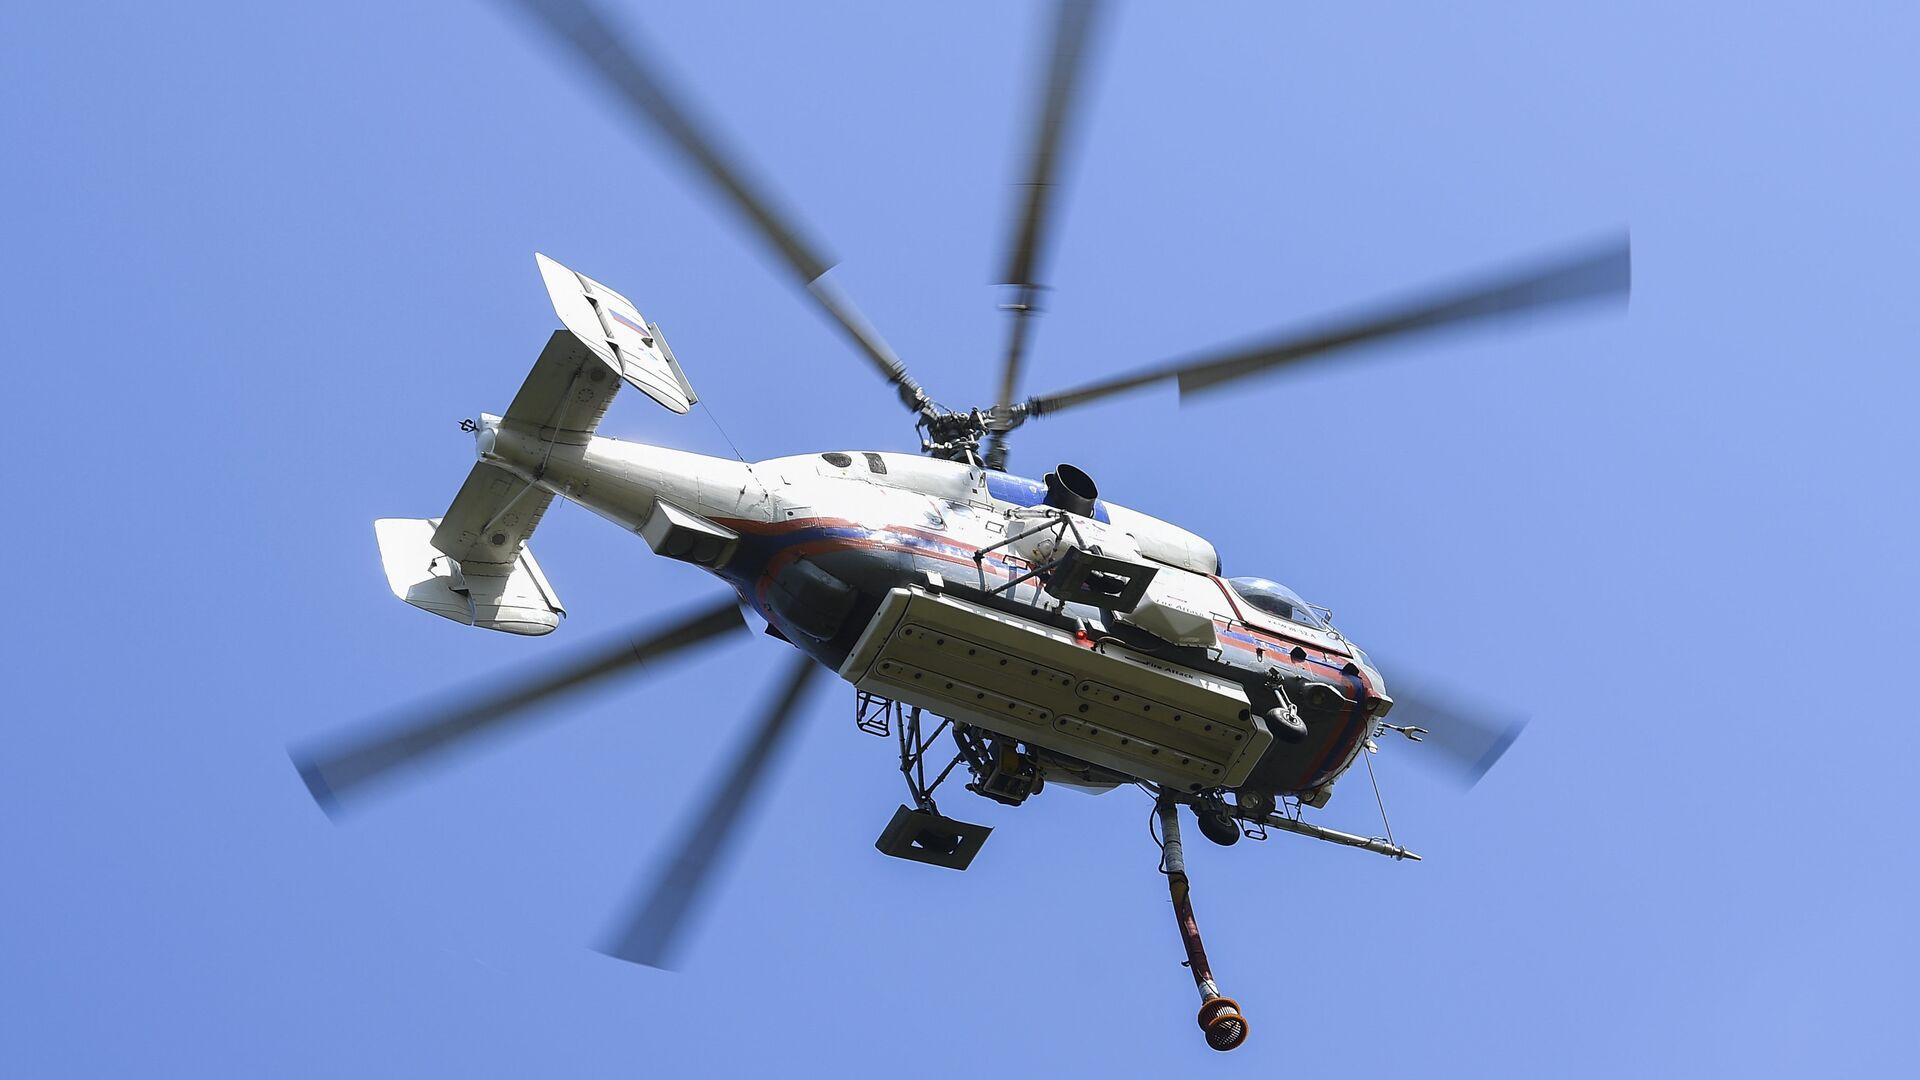 Пожарно-спасательный вертолет Ка-32А на показательном тушении пожара  - РИА Новости, 1920, 19.06.2021